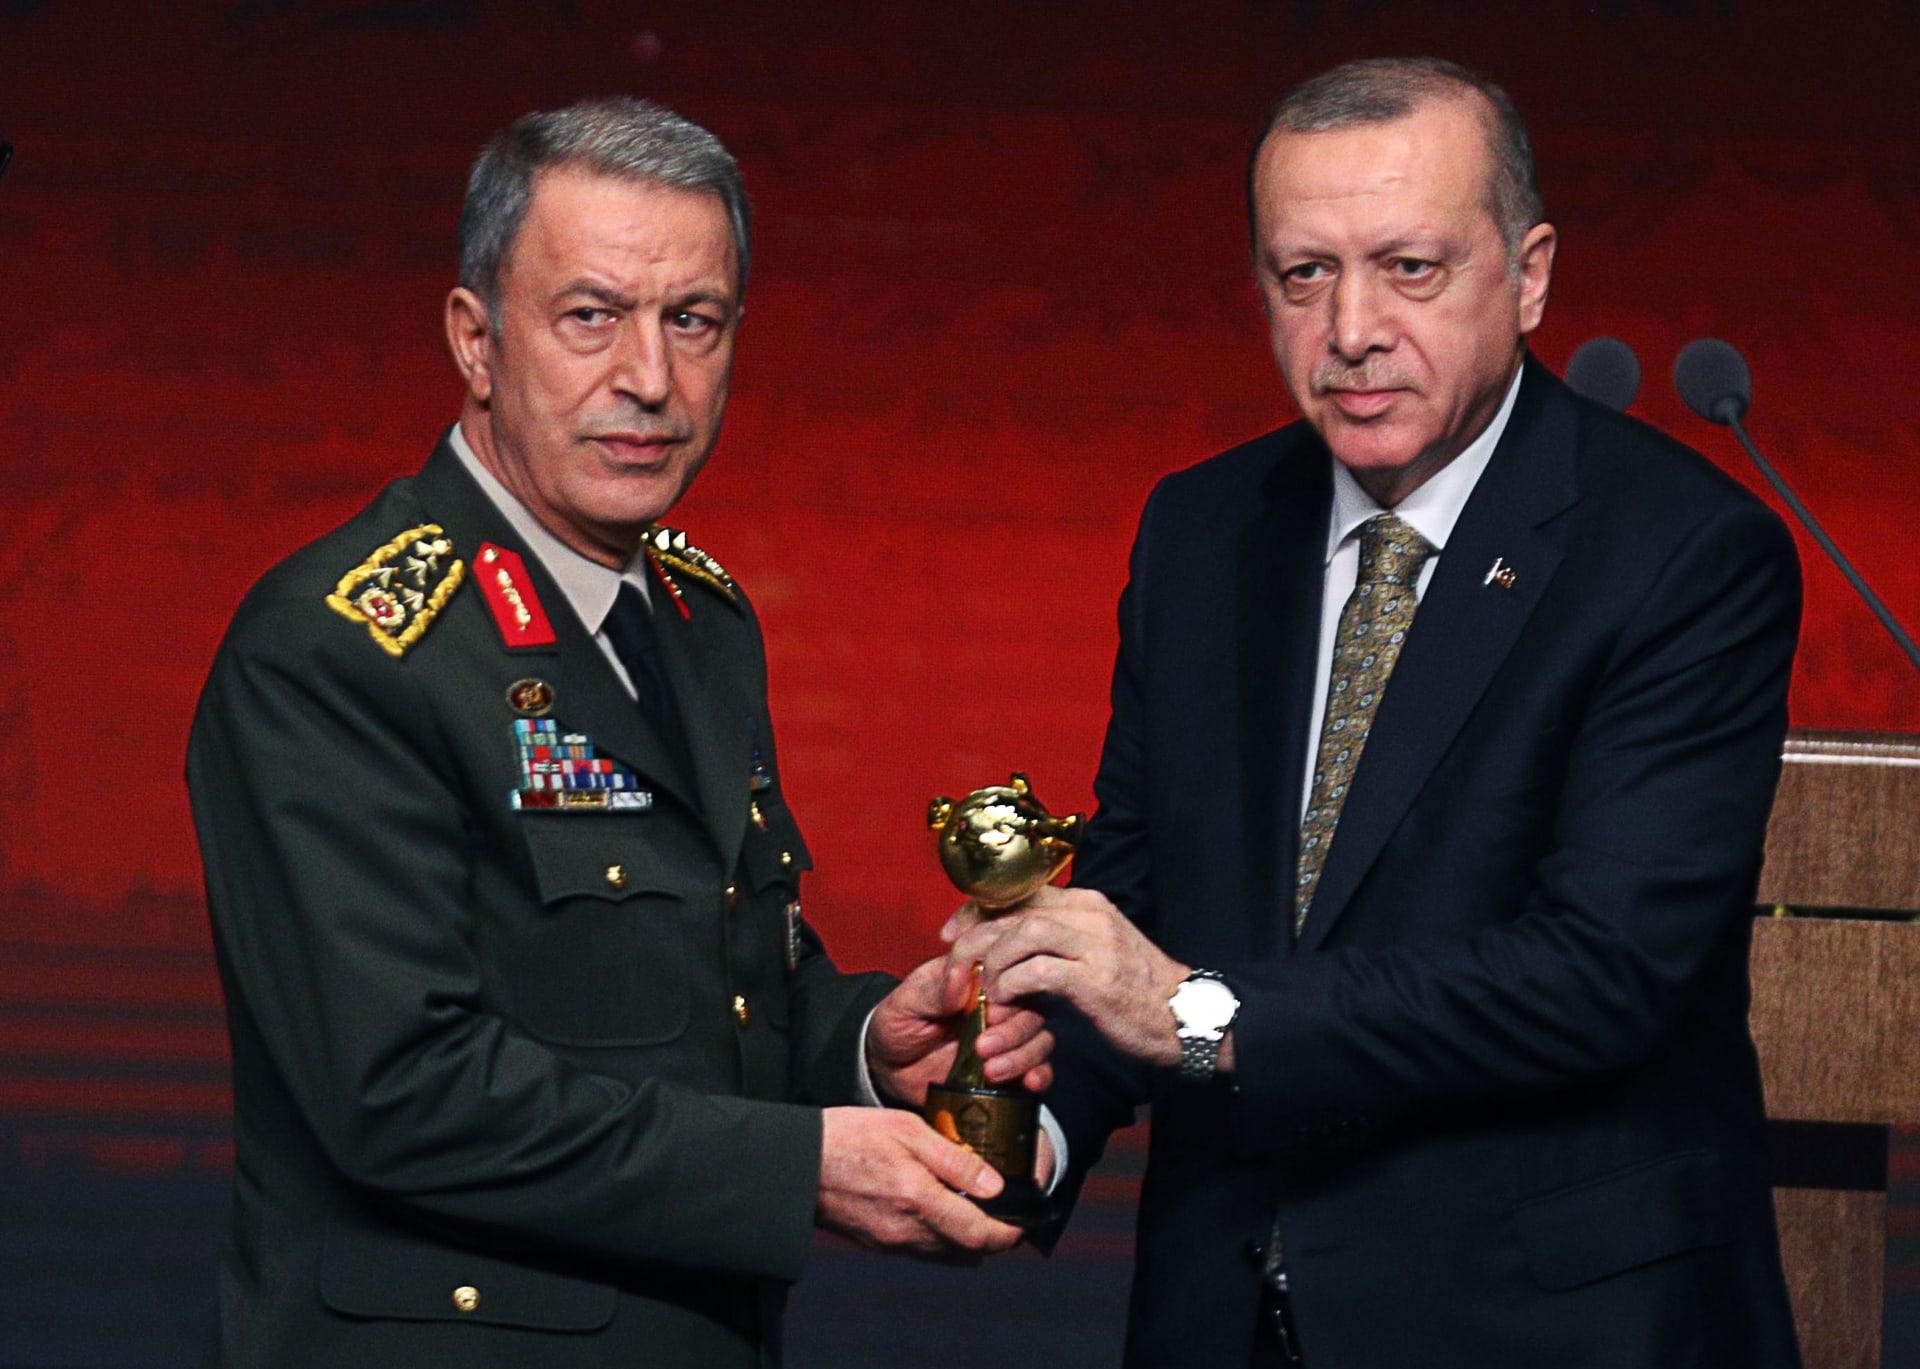 الرئيس التركي رجب طيب أردوغان ووزير الدفاع خلوصي أكار